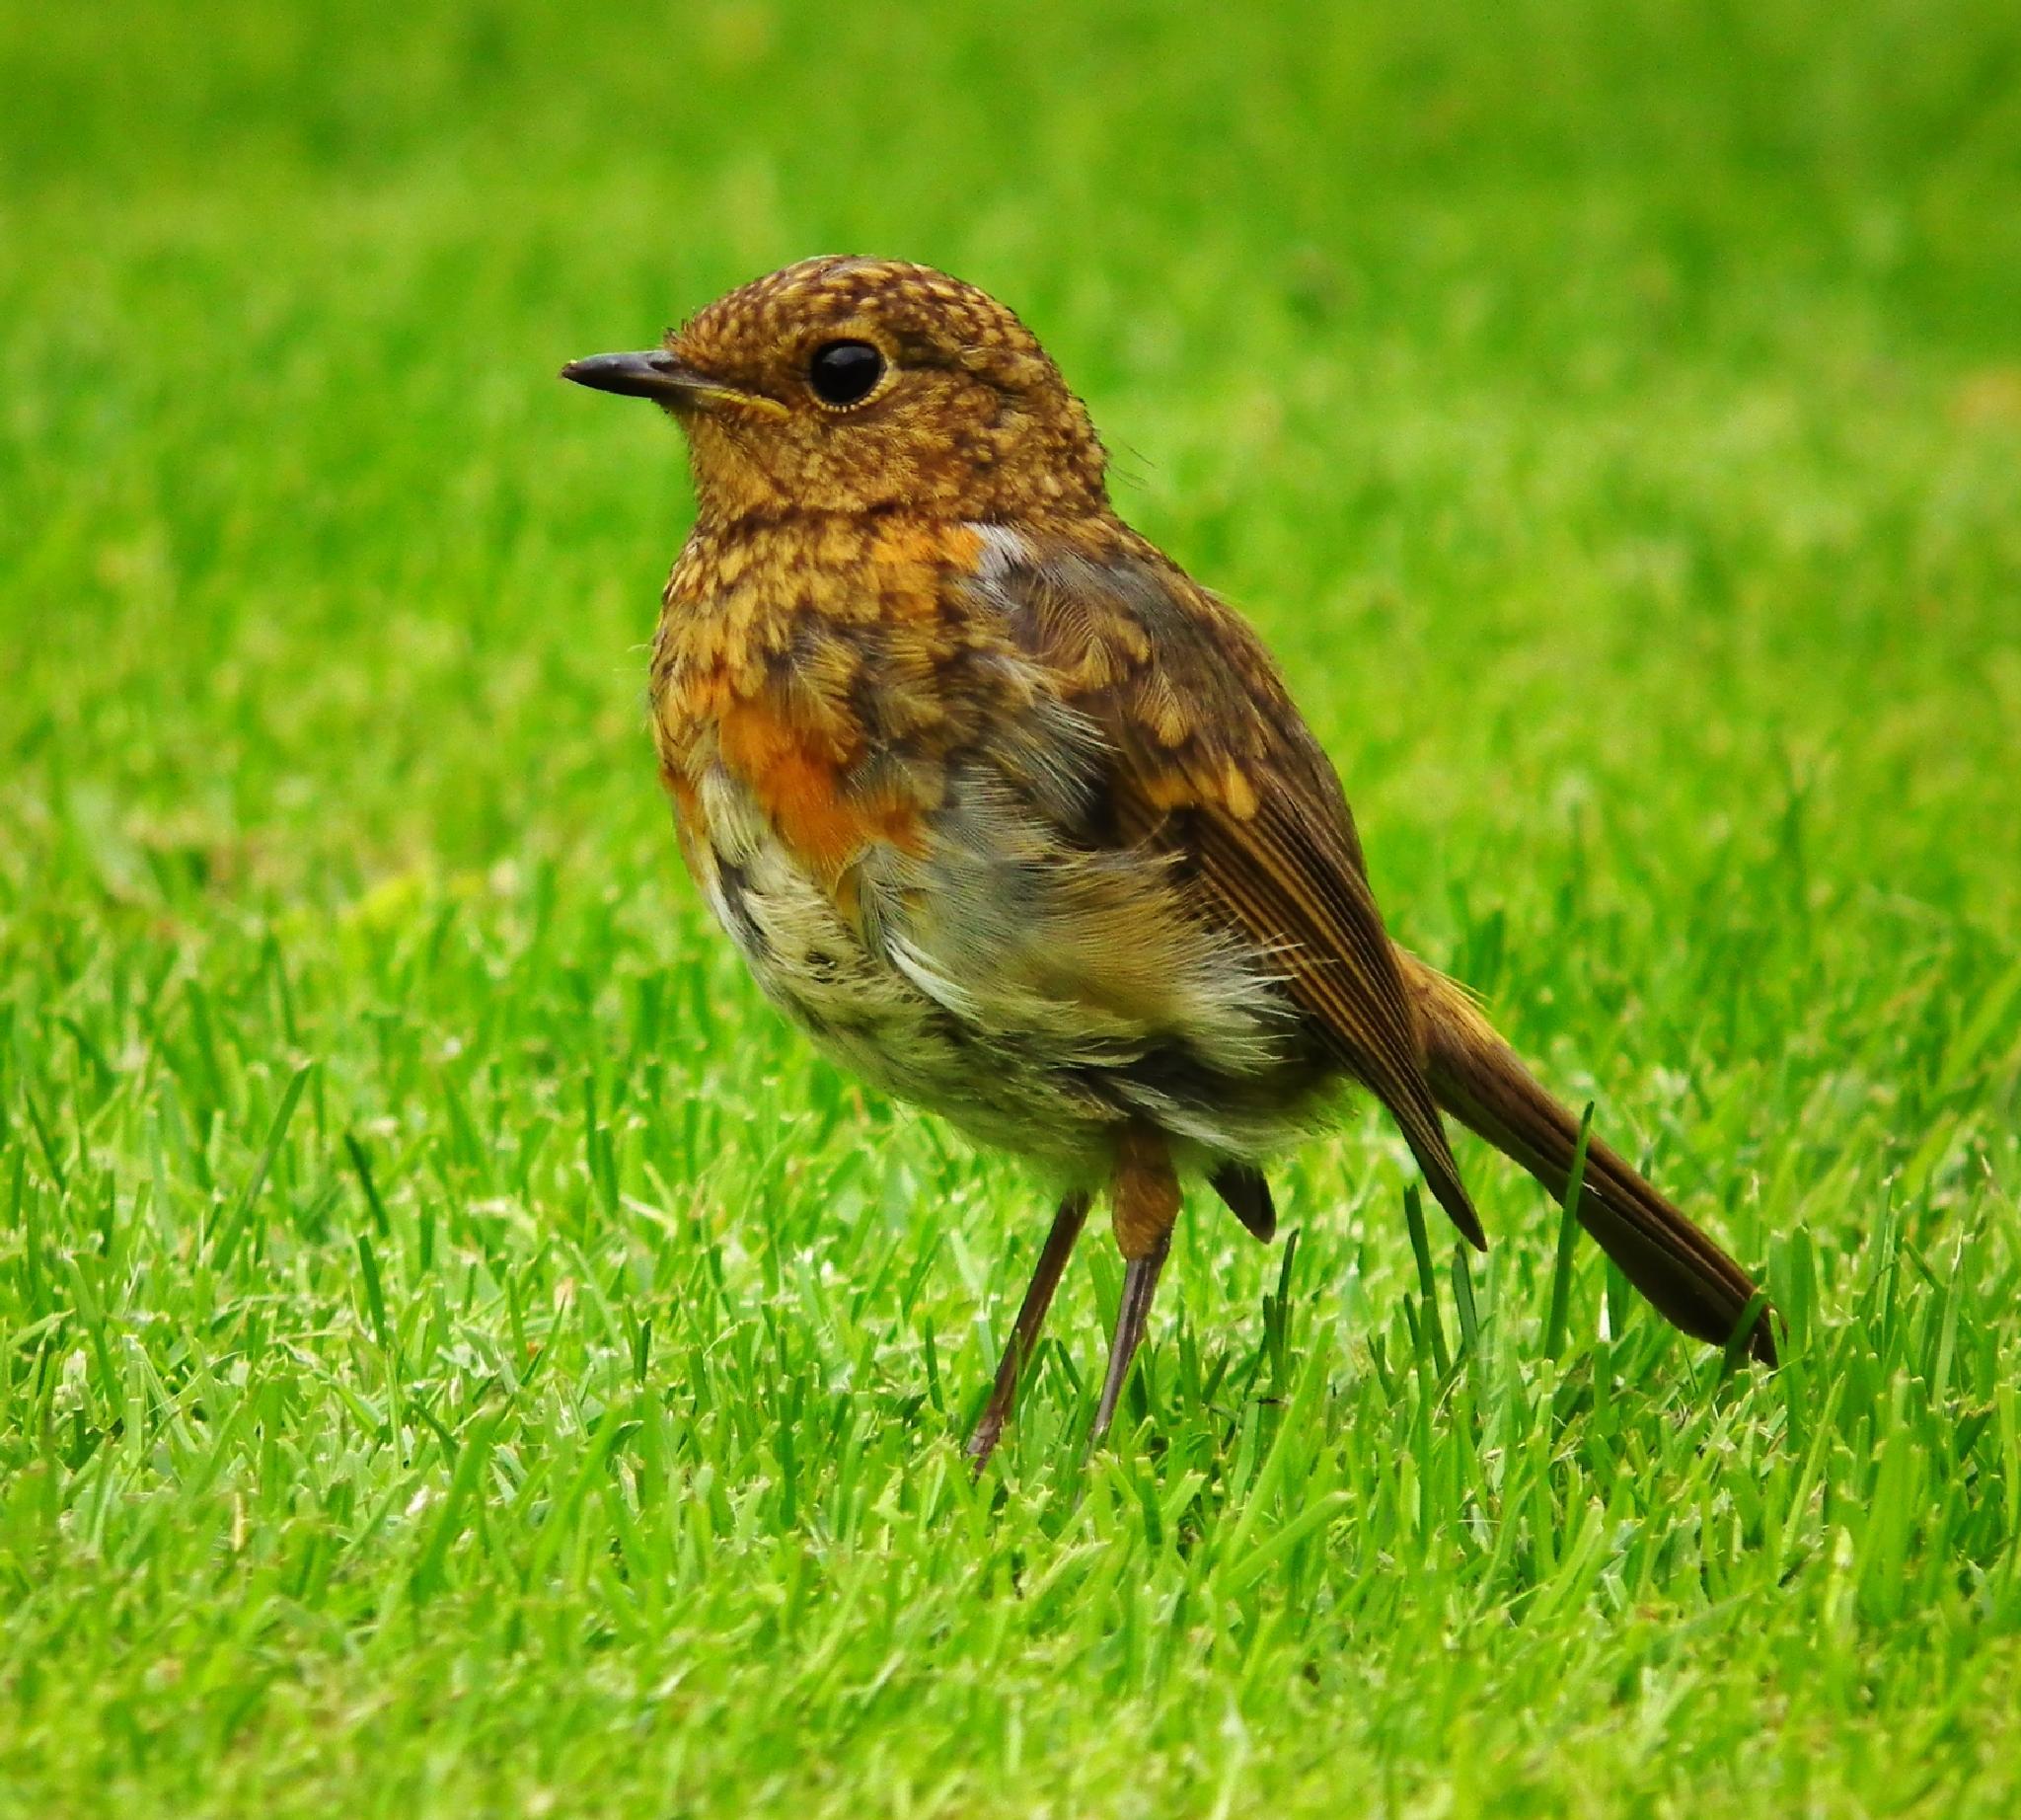 Juvenile Robin by bekky64